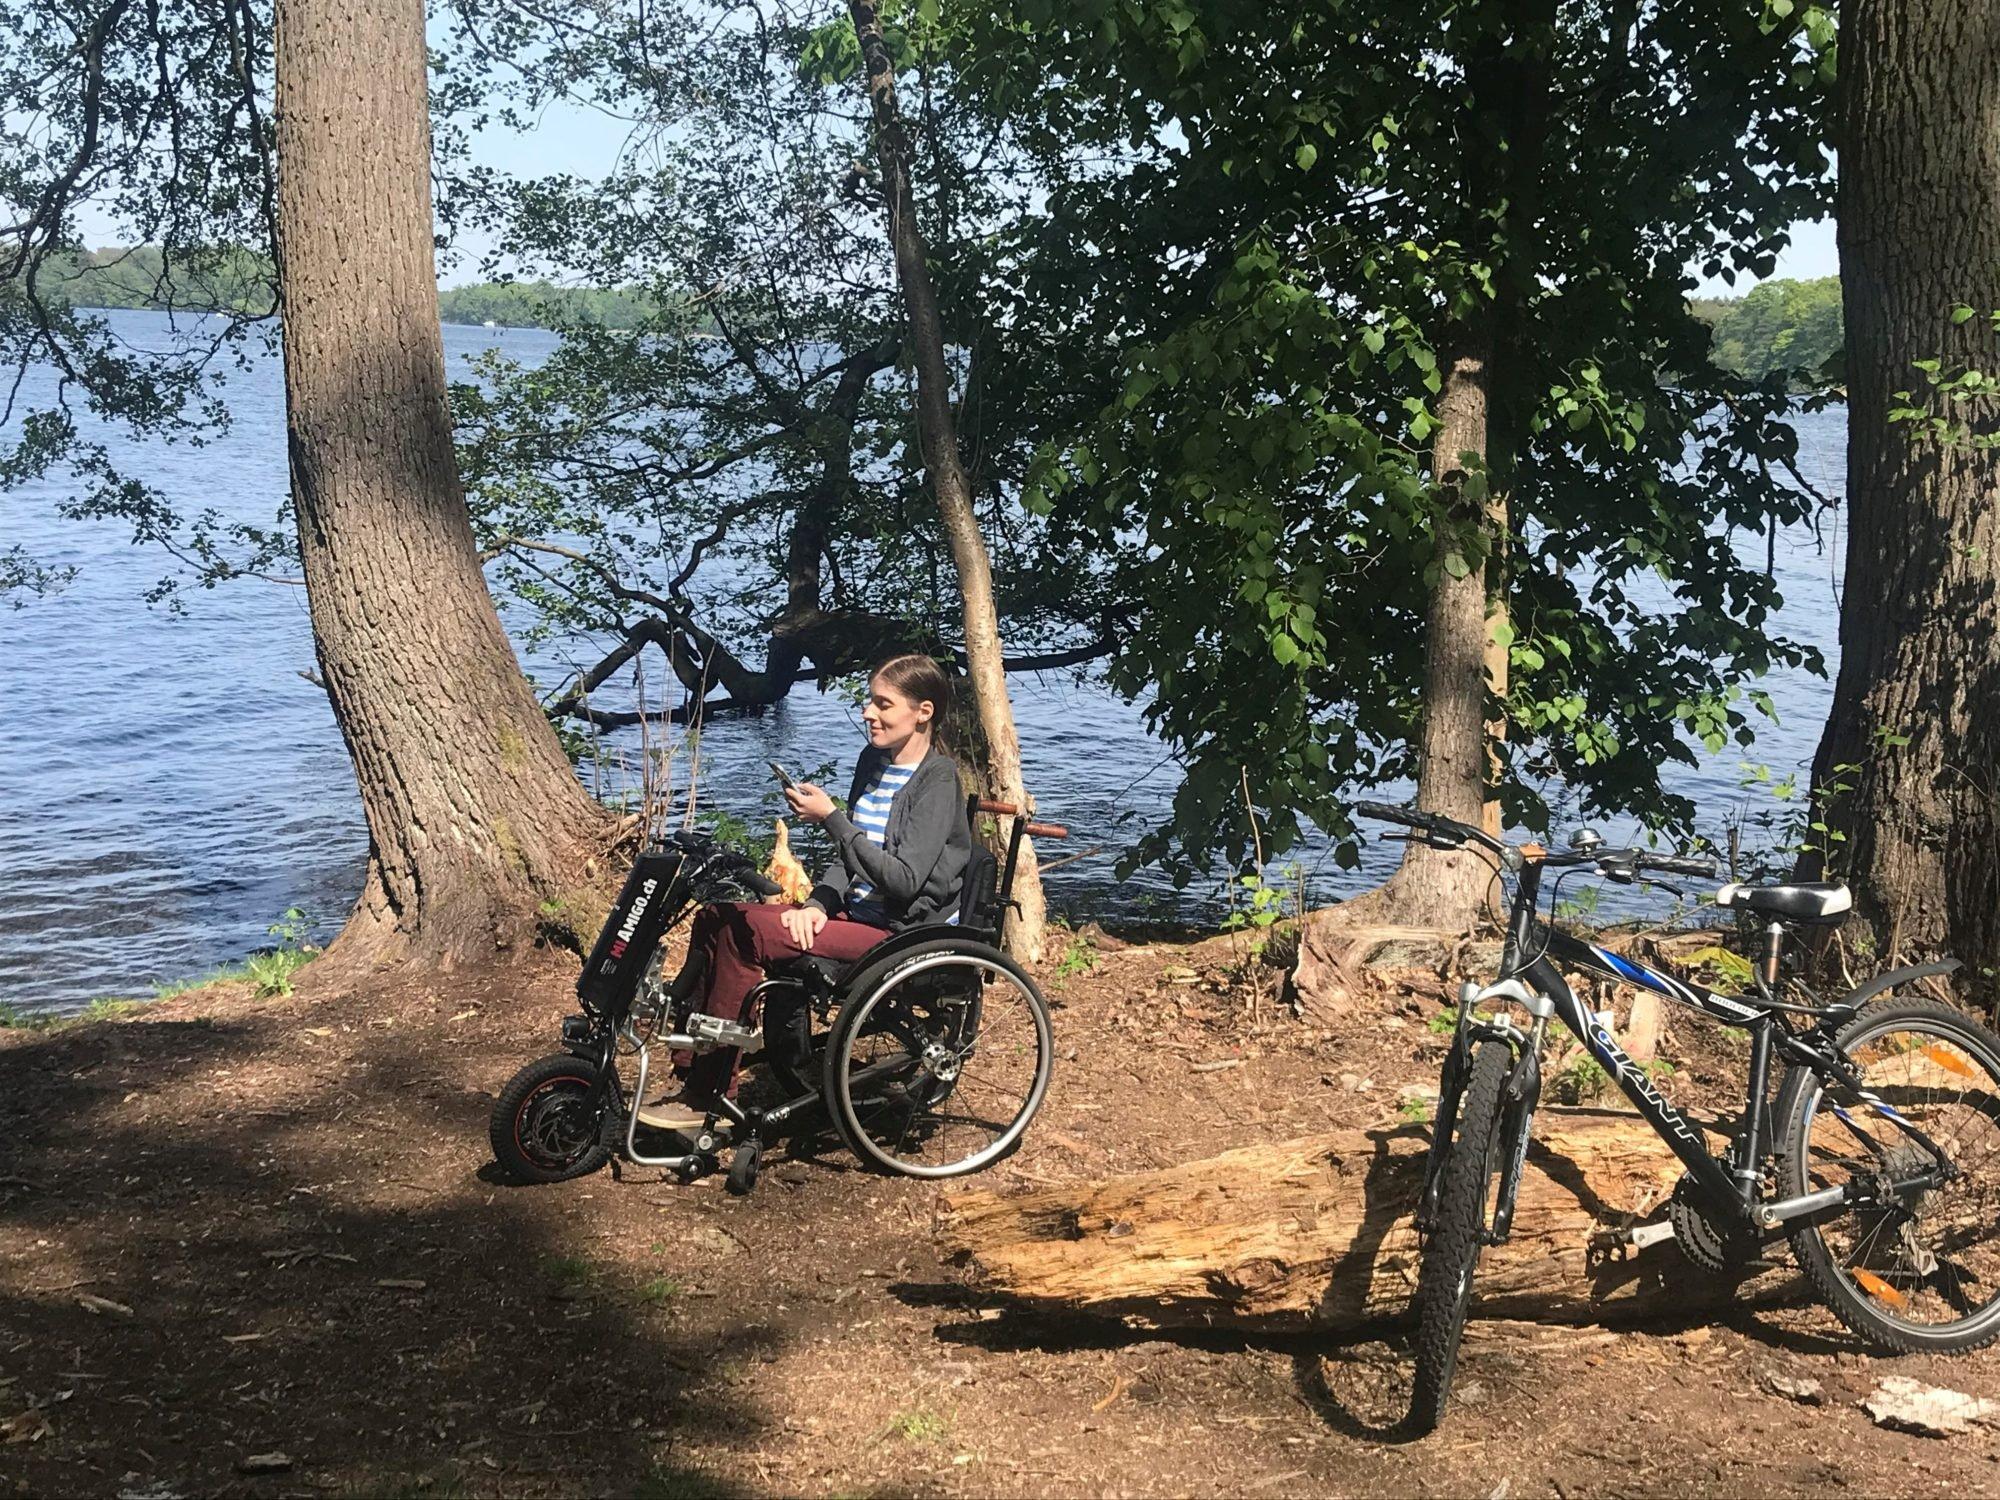 Adina sitzt mit ihrem Rollstuhl an einem See und gönnt sich eine kleine Pause von der Fahrradtour. Neben ihr steht ein Fahrrad.